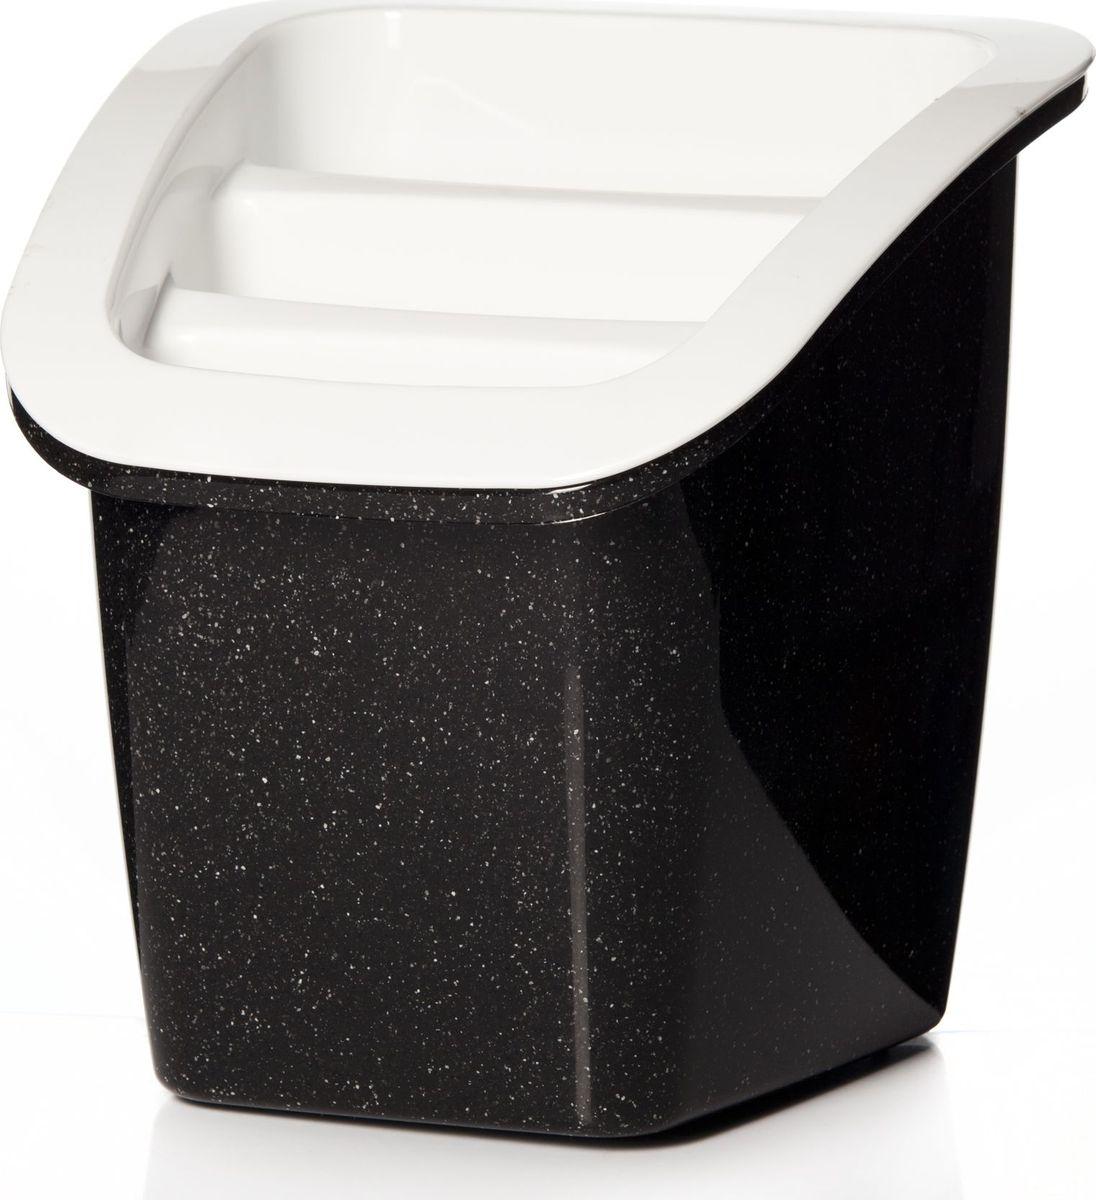 Подставка для столовых приборов Herevin, цвет: черный, белый. 161235-550161235-550Подставка для столовых приборов Herevin, выполненная изпрочного пластика, состоит из двух частей - верхняя съемная.Изделие имеет 3 продолговатые секции для храненияразличных столовых приборов. Внизу секции оснащеныотверстиями для стока жидкости. Такая подставка не толькопозволит аккуратно хранить столовые приборы, но и красиводополнит интерьер кухни.